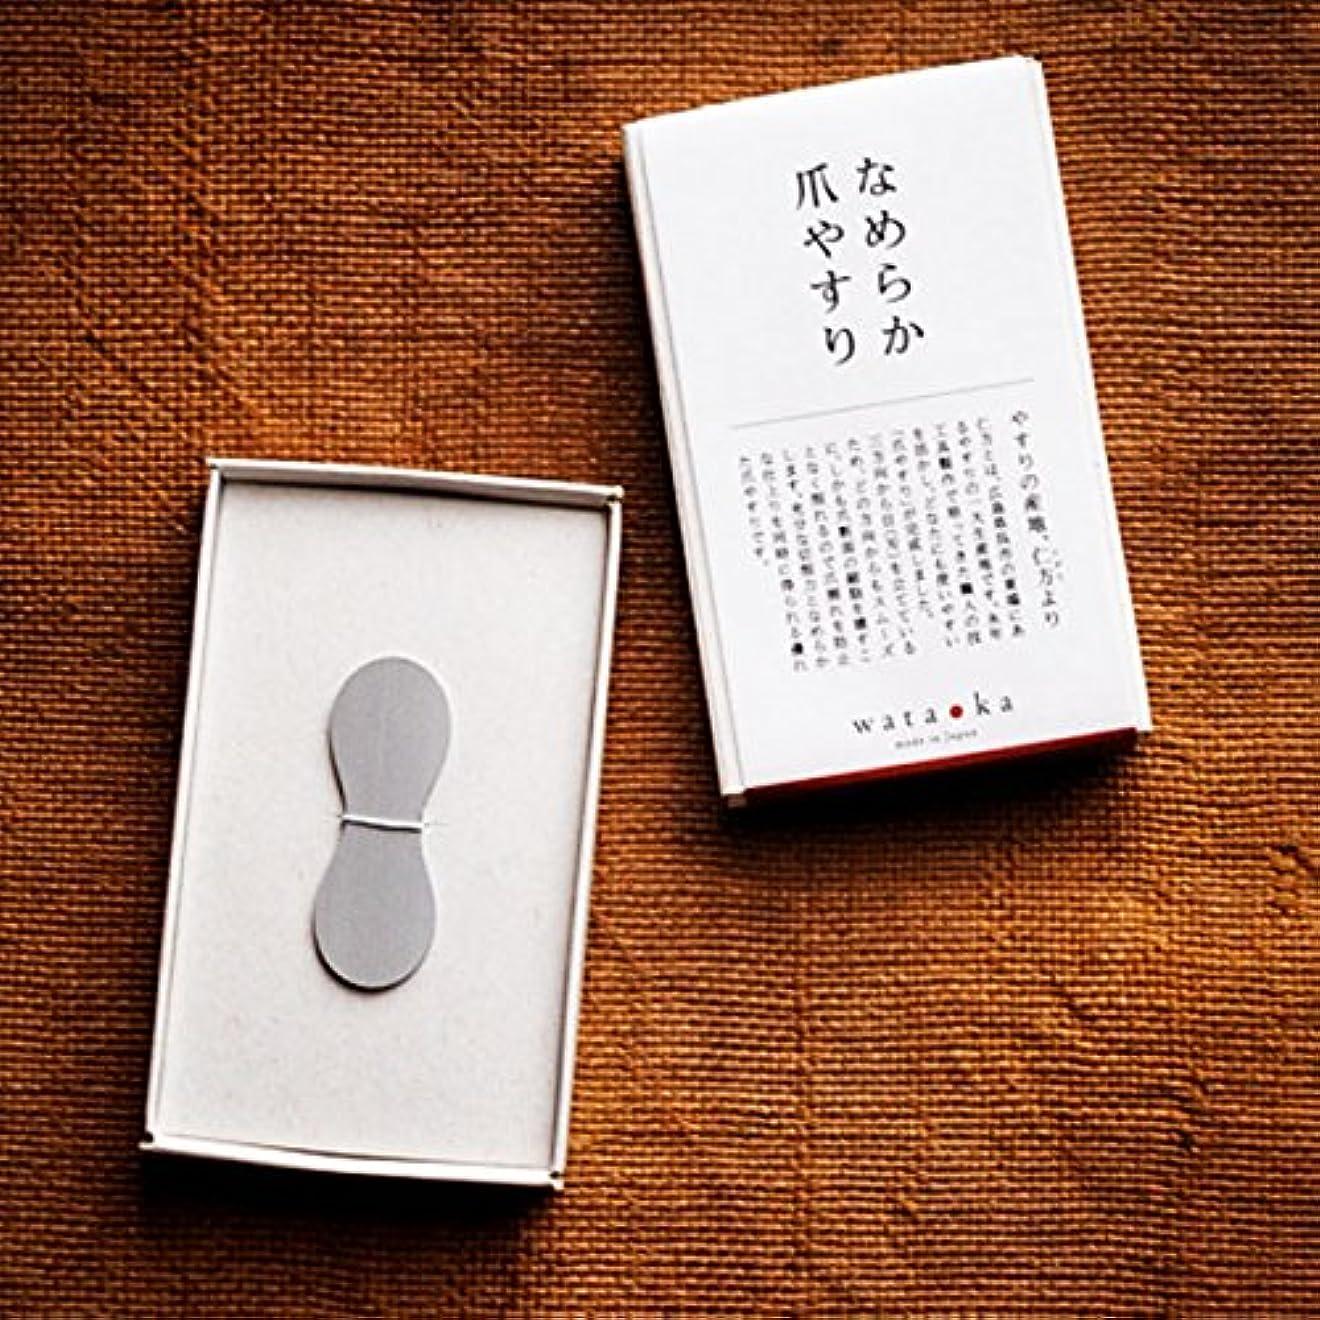 バター再開ほめるwataoka 鑢のワタオカ 爪やすり (専用パッケージ入り)